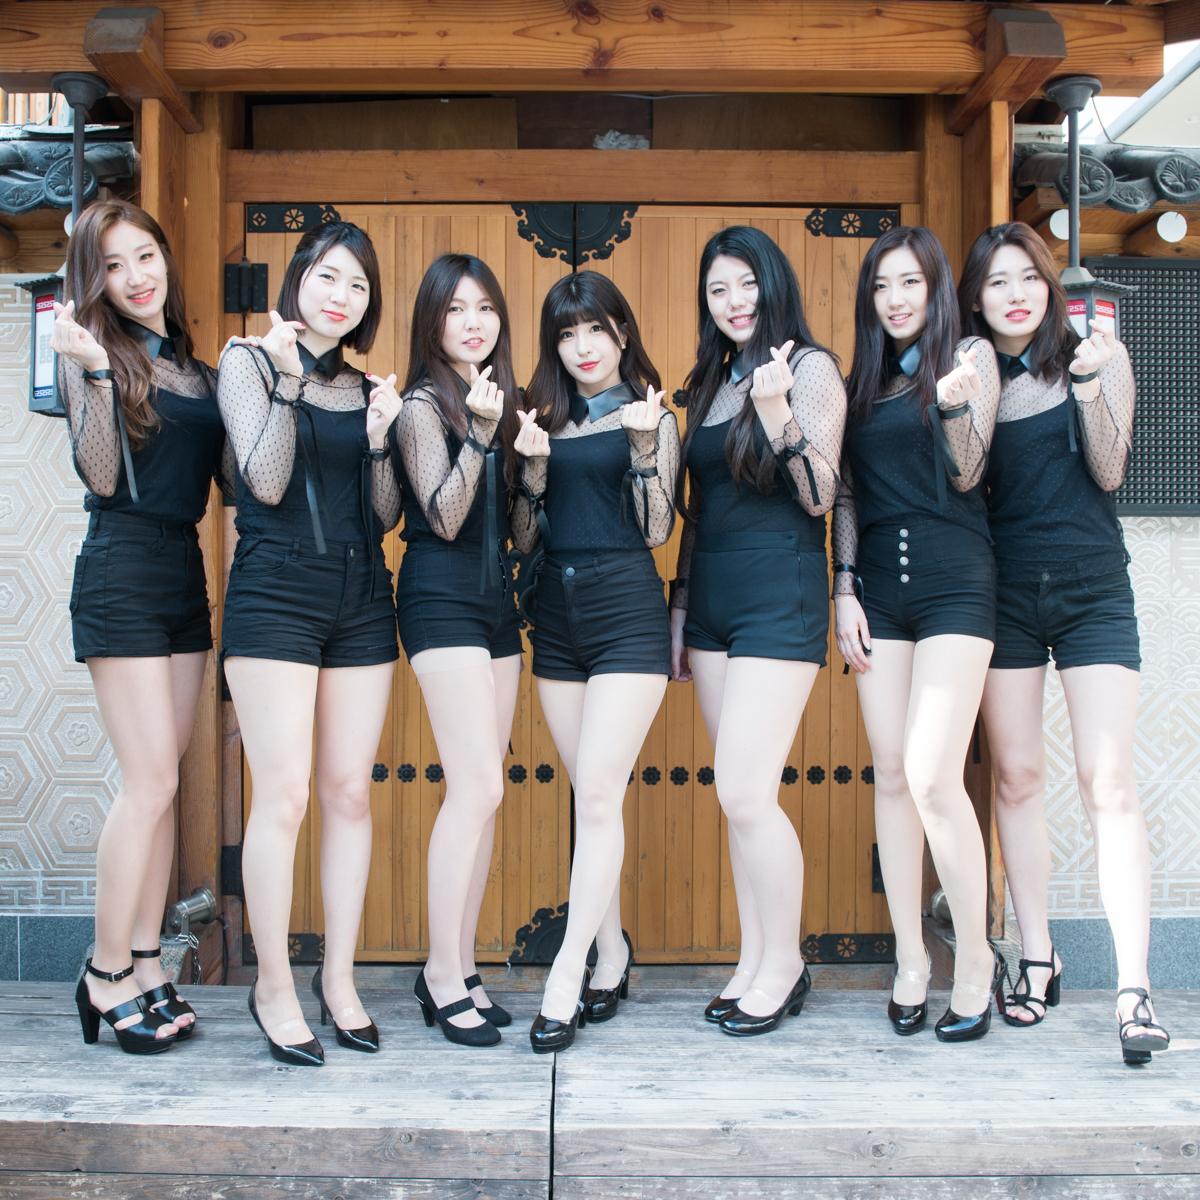 """韓国人 美女画像 K-POP 5月28日(日)、新大久保 SHOWBOXで初開催されたK-POPカバーダンスイベント「Kpop  MOA」に出演し""""BingBing""""(AOA)を踊ったアイハニ。 アイハニは韓国人と日本人で構成 ..."""